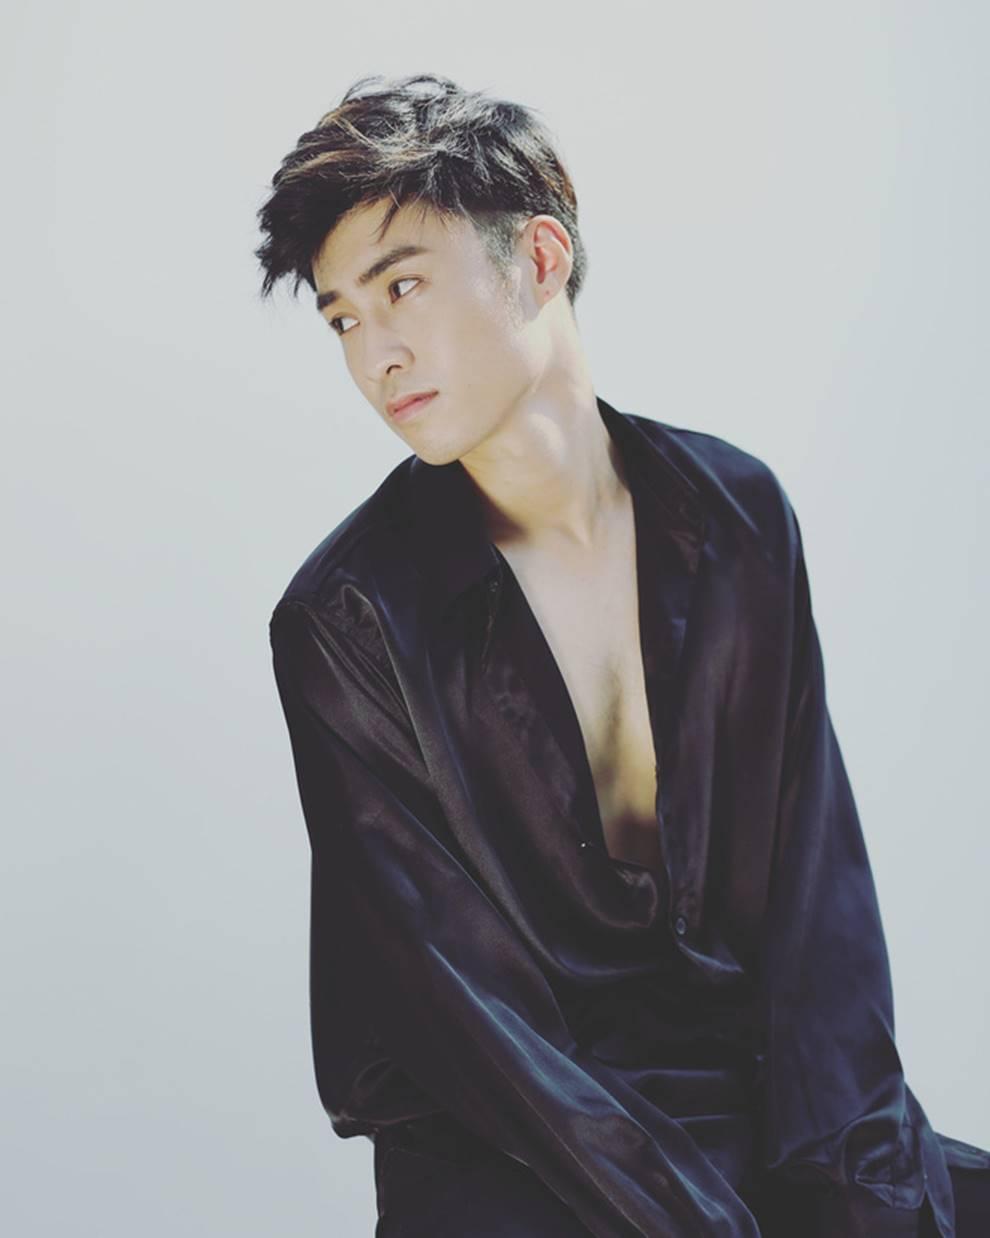 Dàn soái ca đến từ ĐH Kinh Công Hà Nội - ngôi trường được mệnh danh nhiều trai đẹp nhất Việt Nam-4